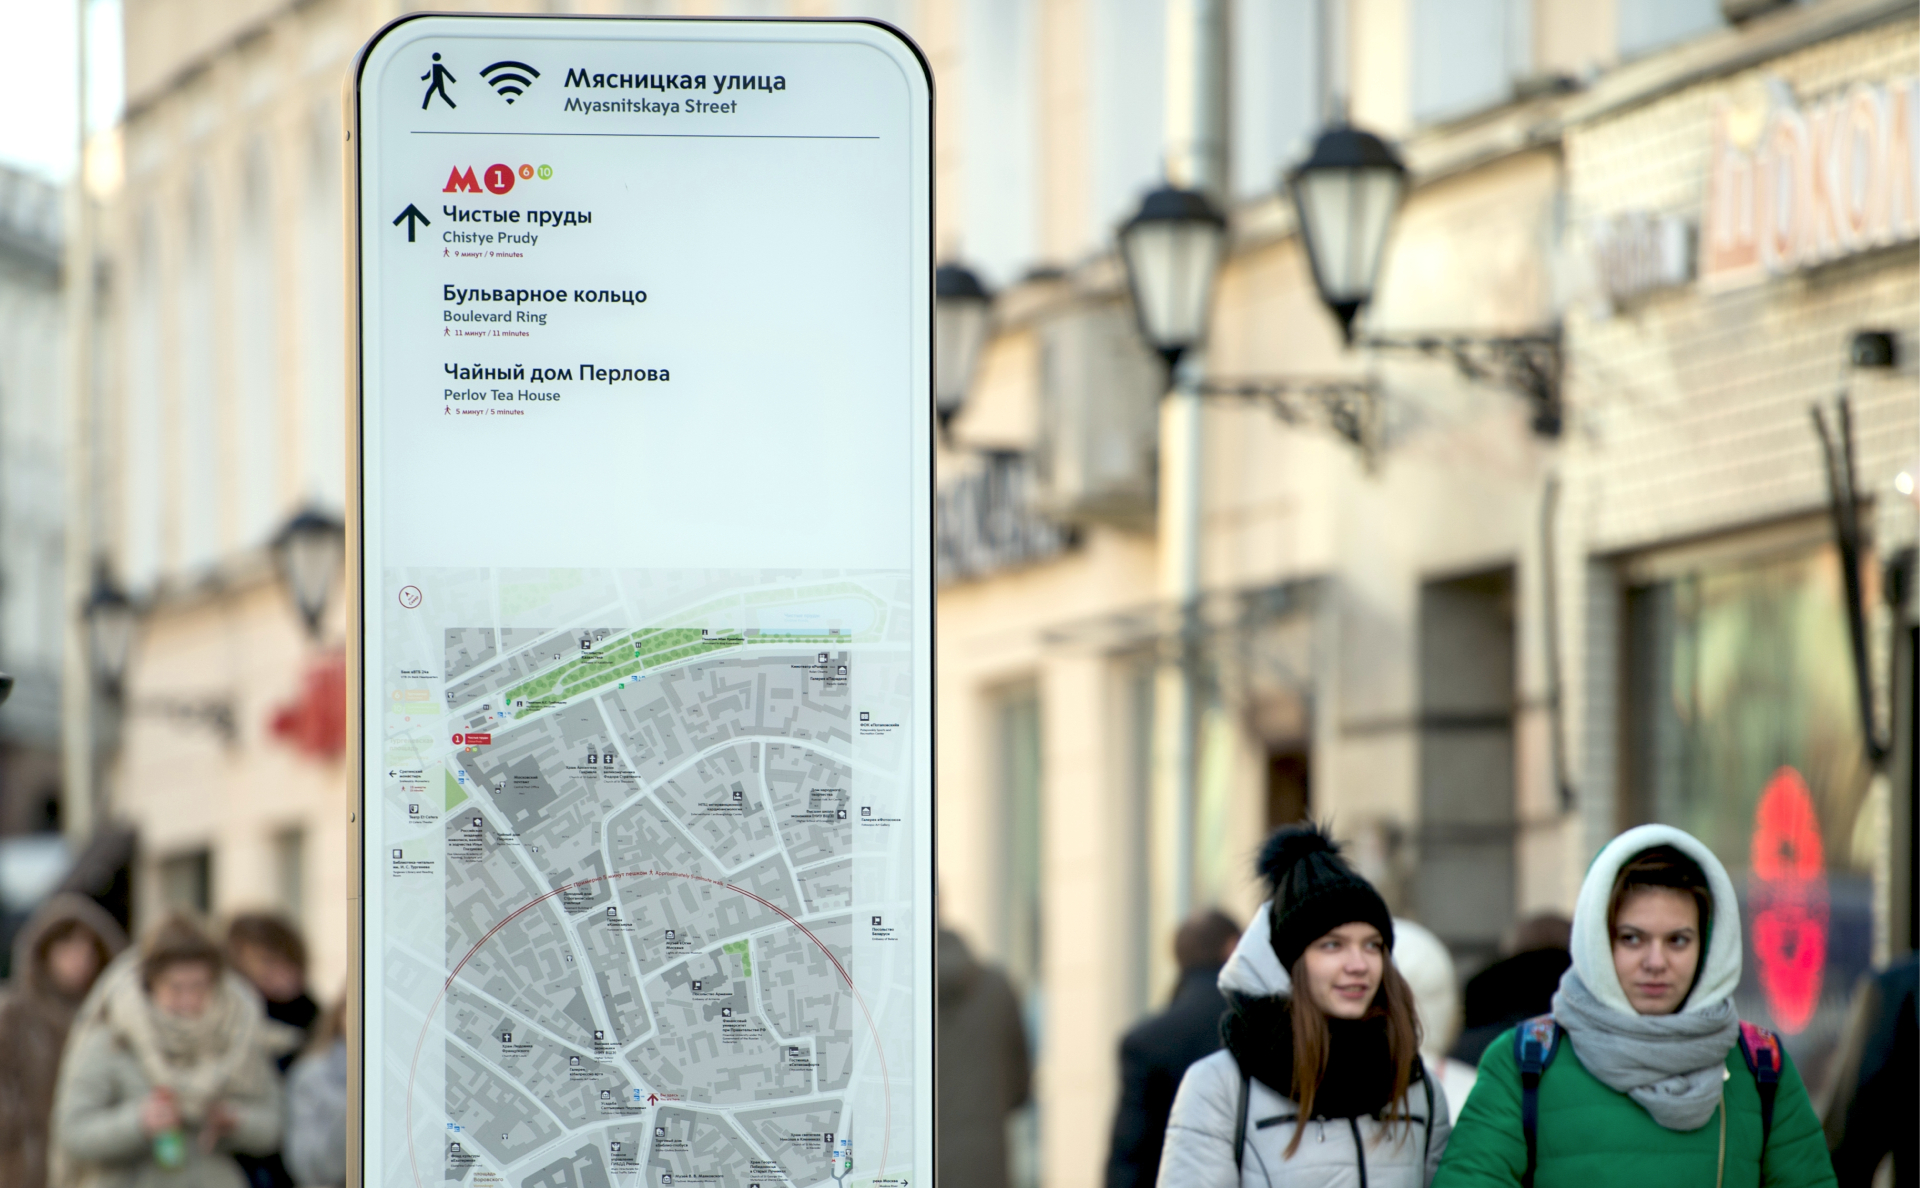 СМИ узнали о планах мэрии Москвы закрыть проект по сбору данных пешеходов